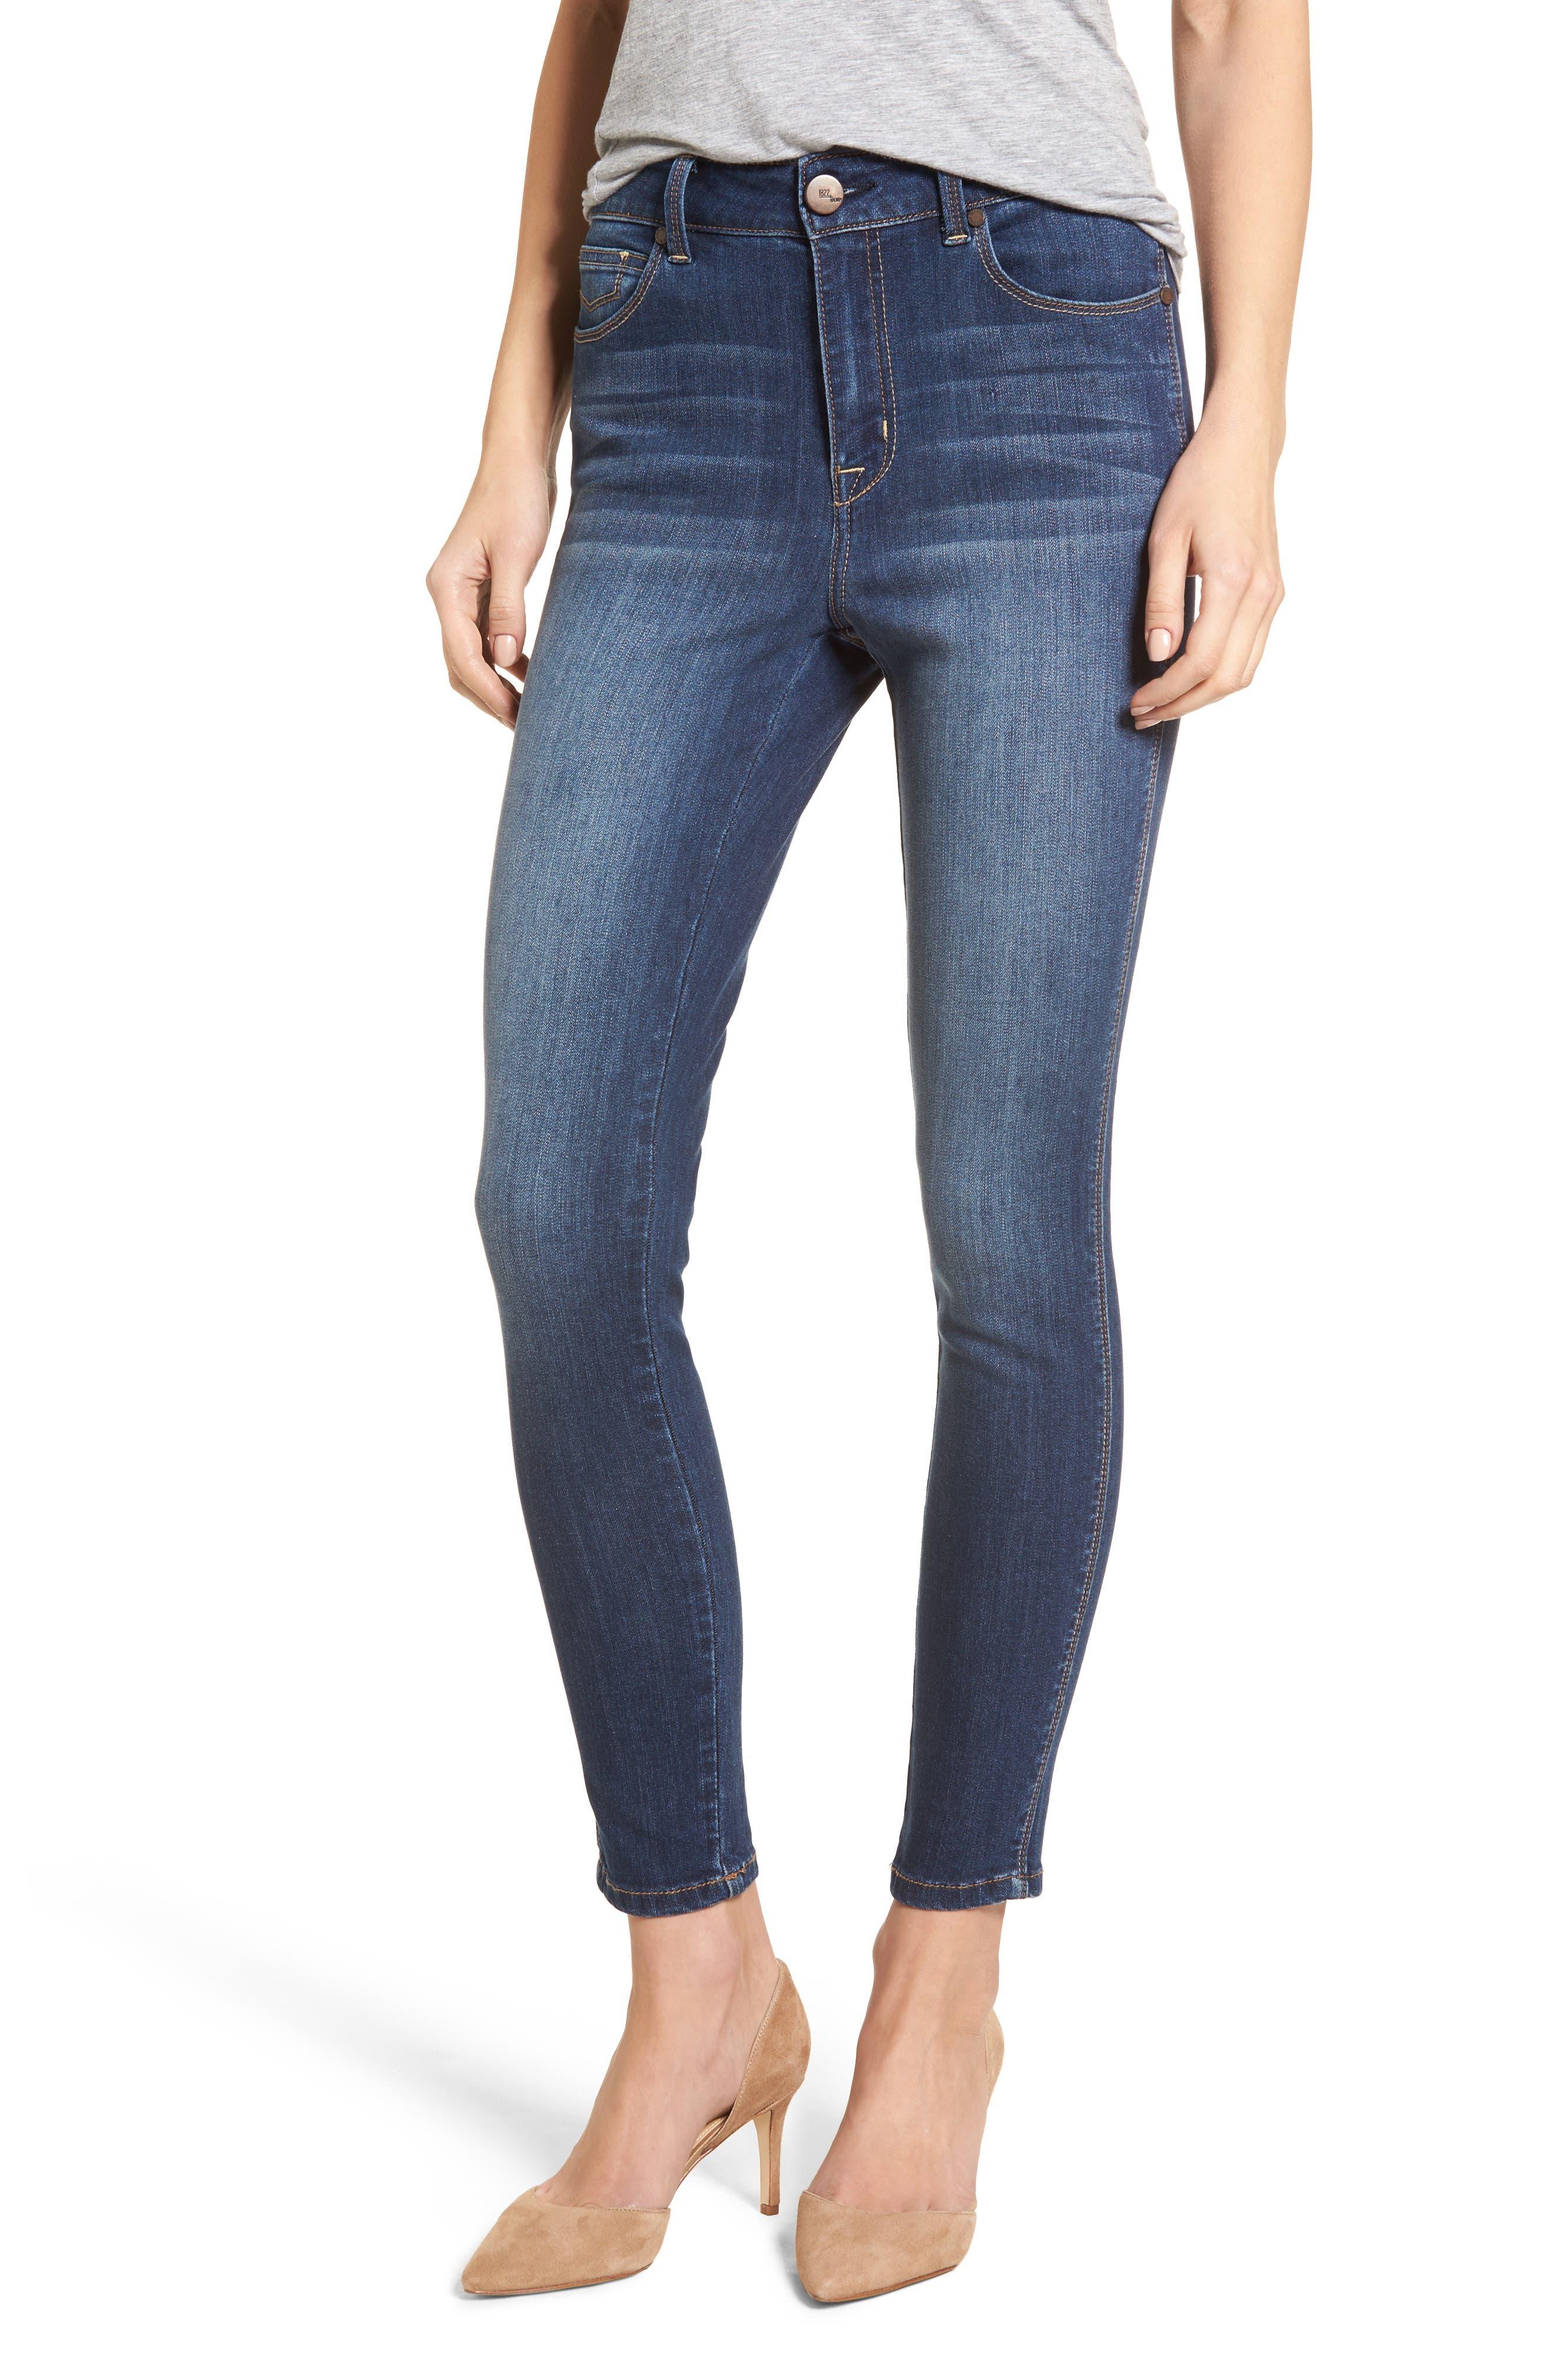 1822 Denim High Waist Skinny Jeans (Ziggy)